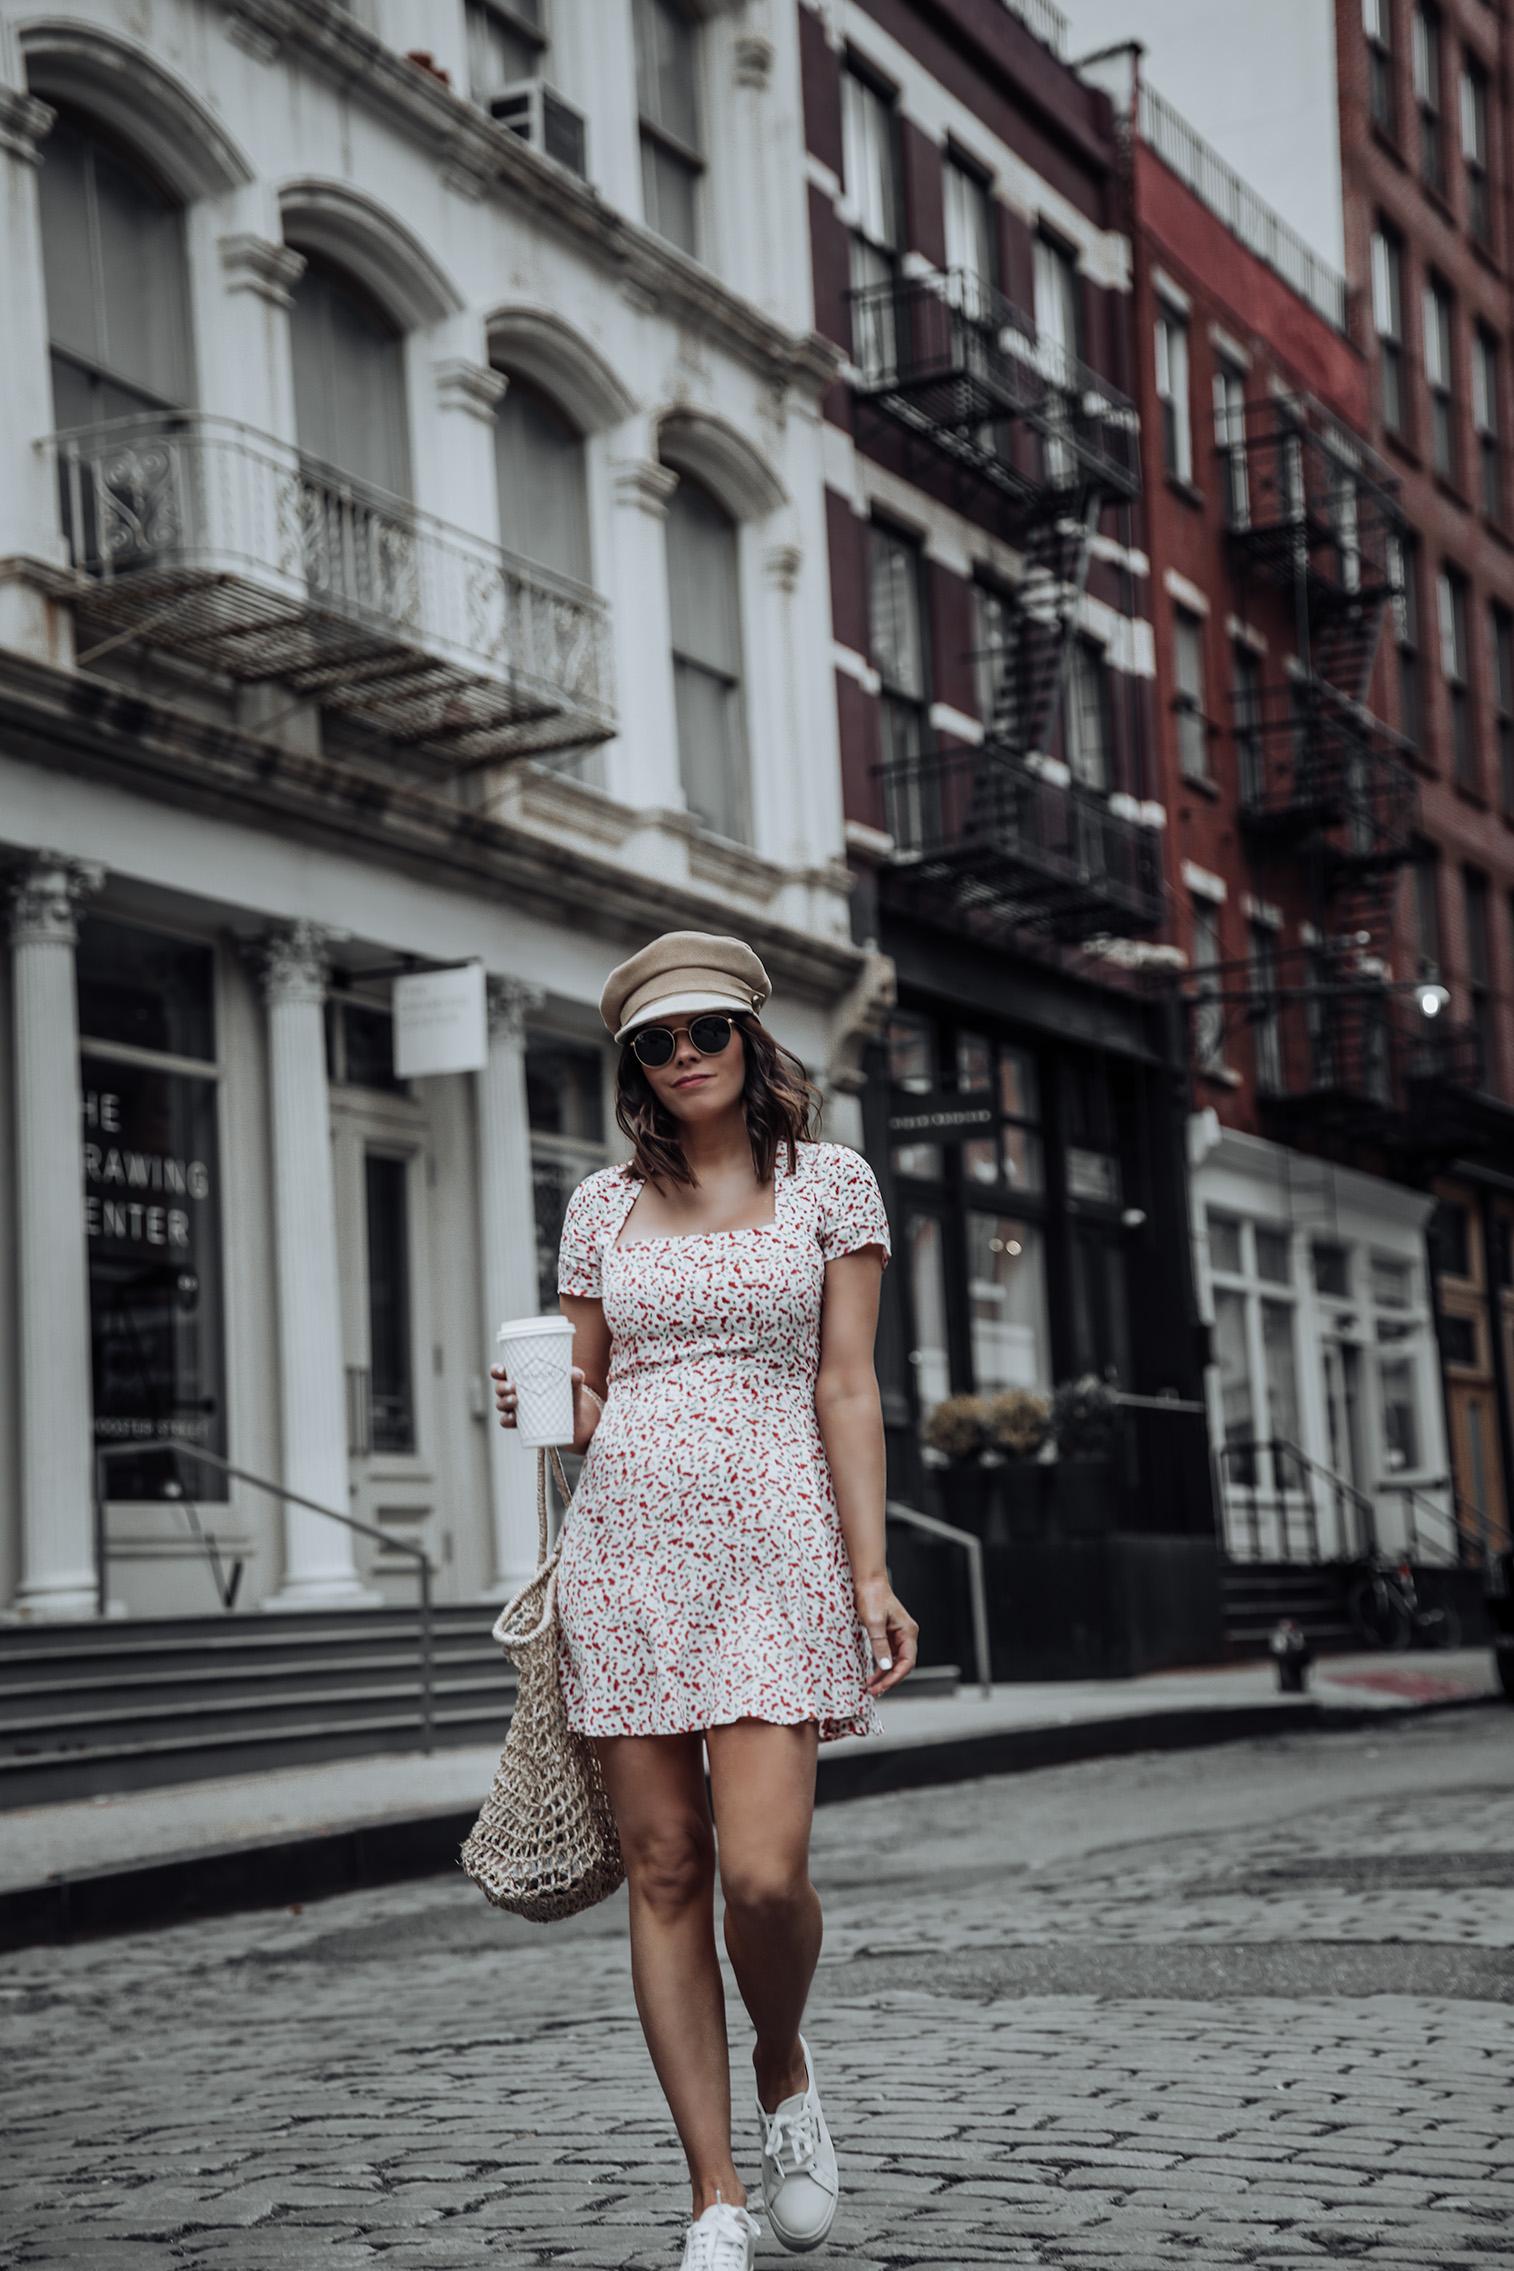 Flynn Skye Mini Dress | Superga Platform Sneakers | Knit Market Bag (Similar) |#liketkit